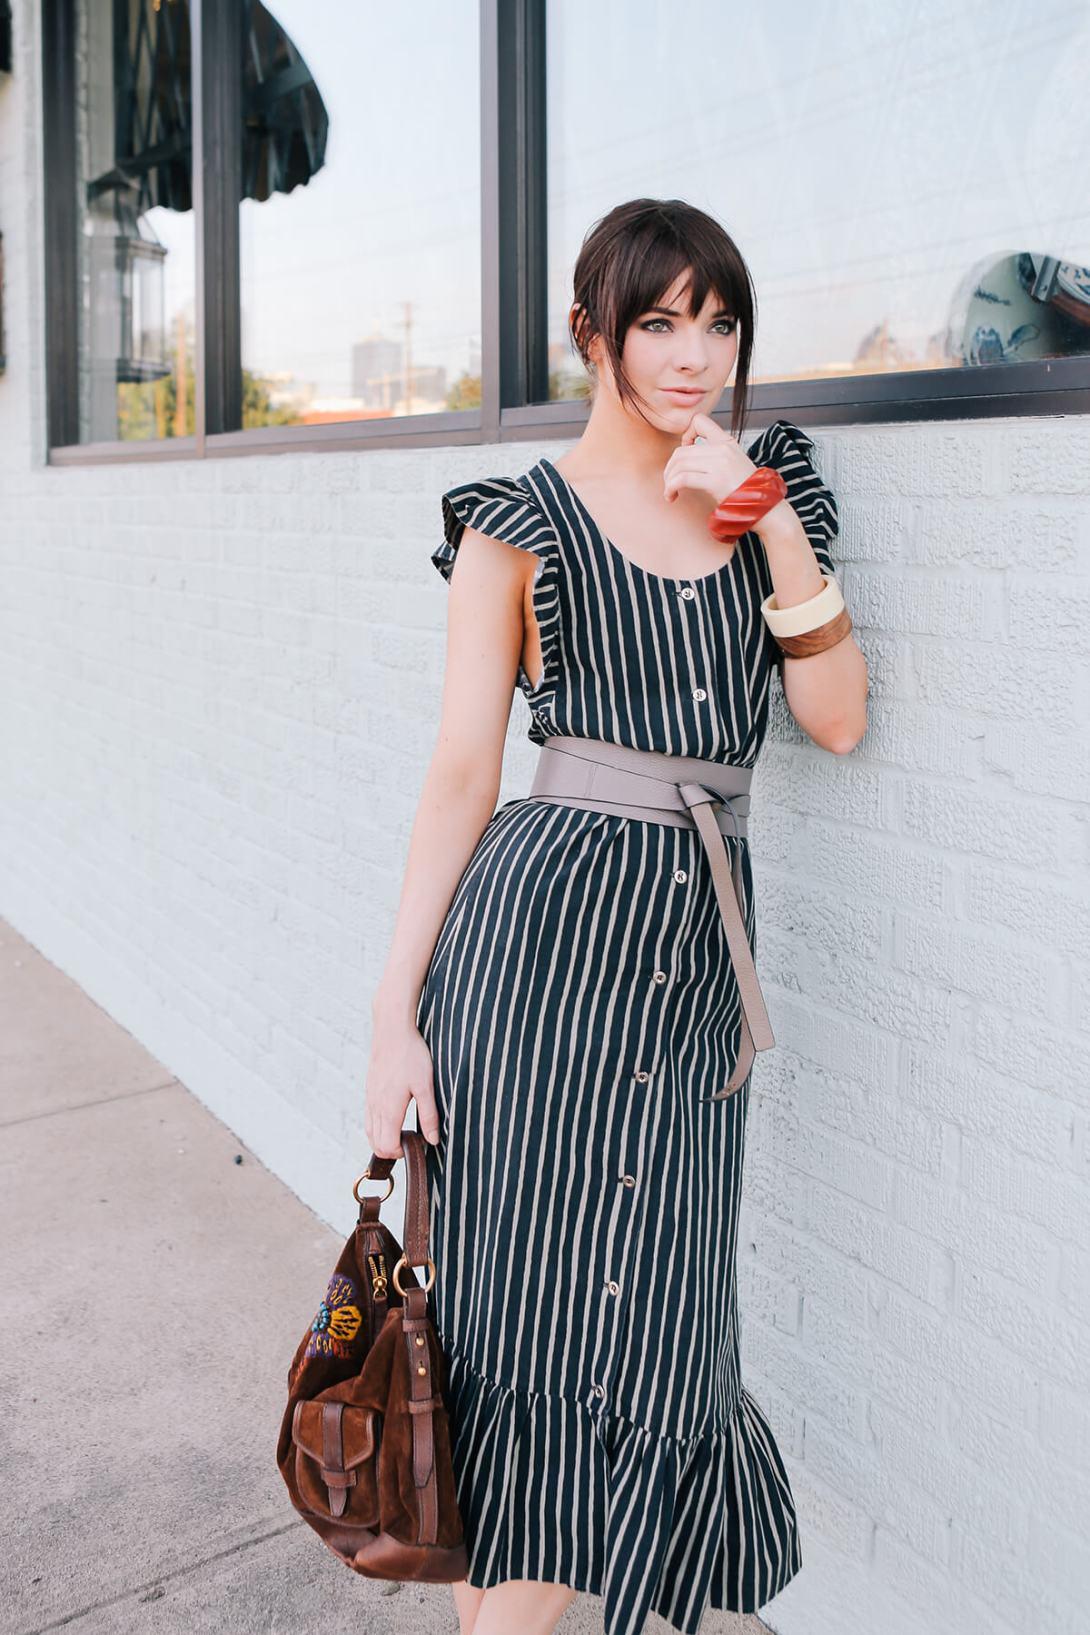 on seaofshoes.com, 70s Marimekko dress